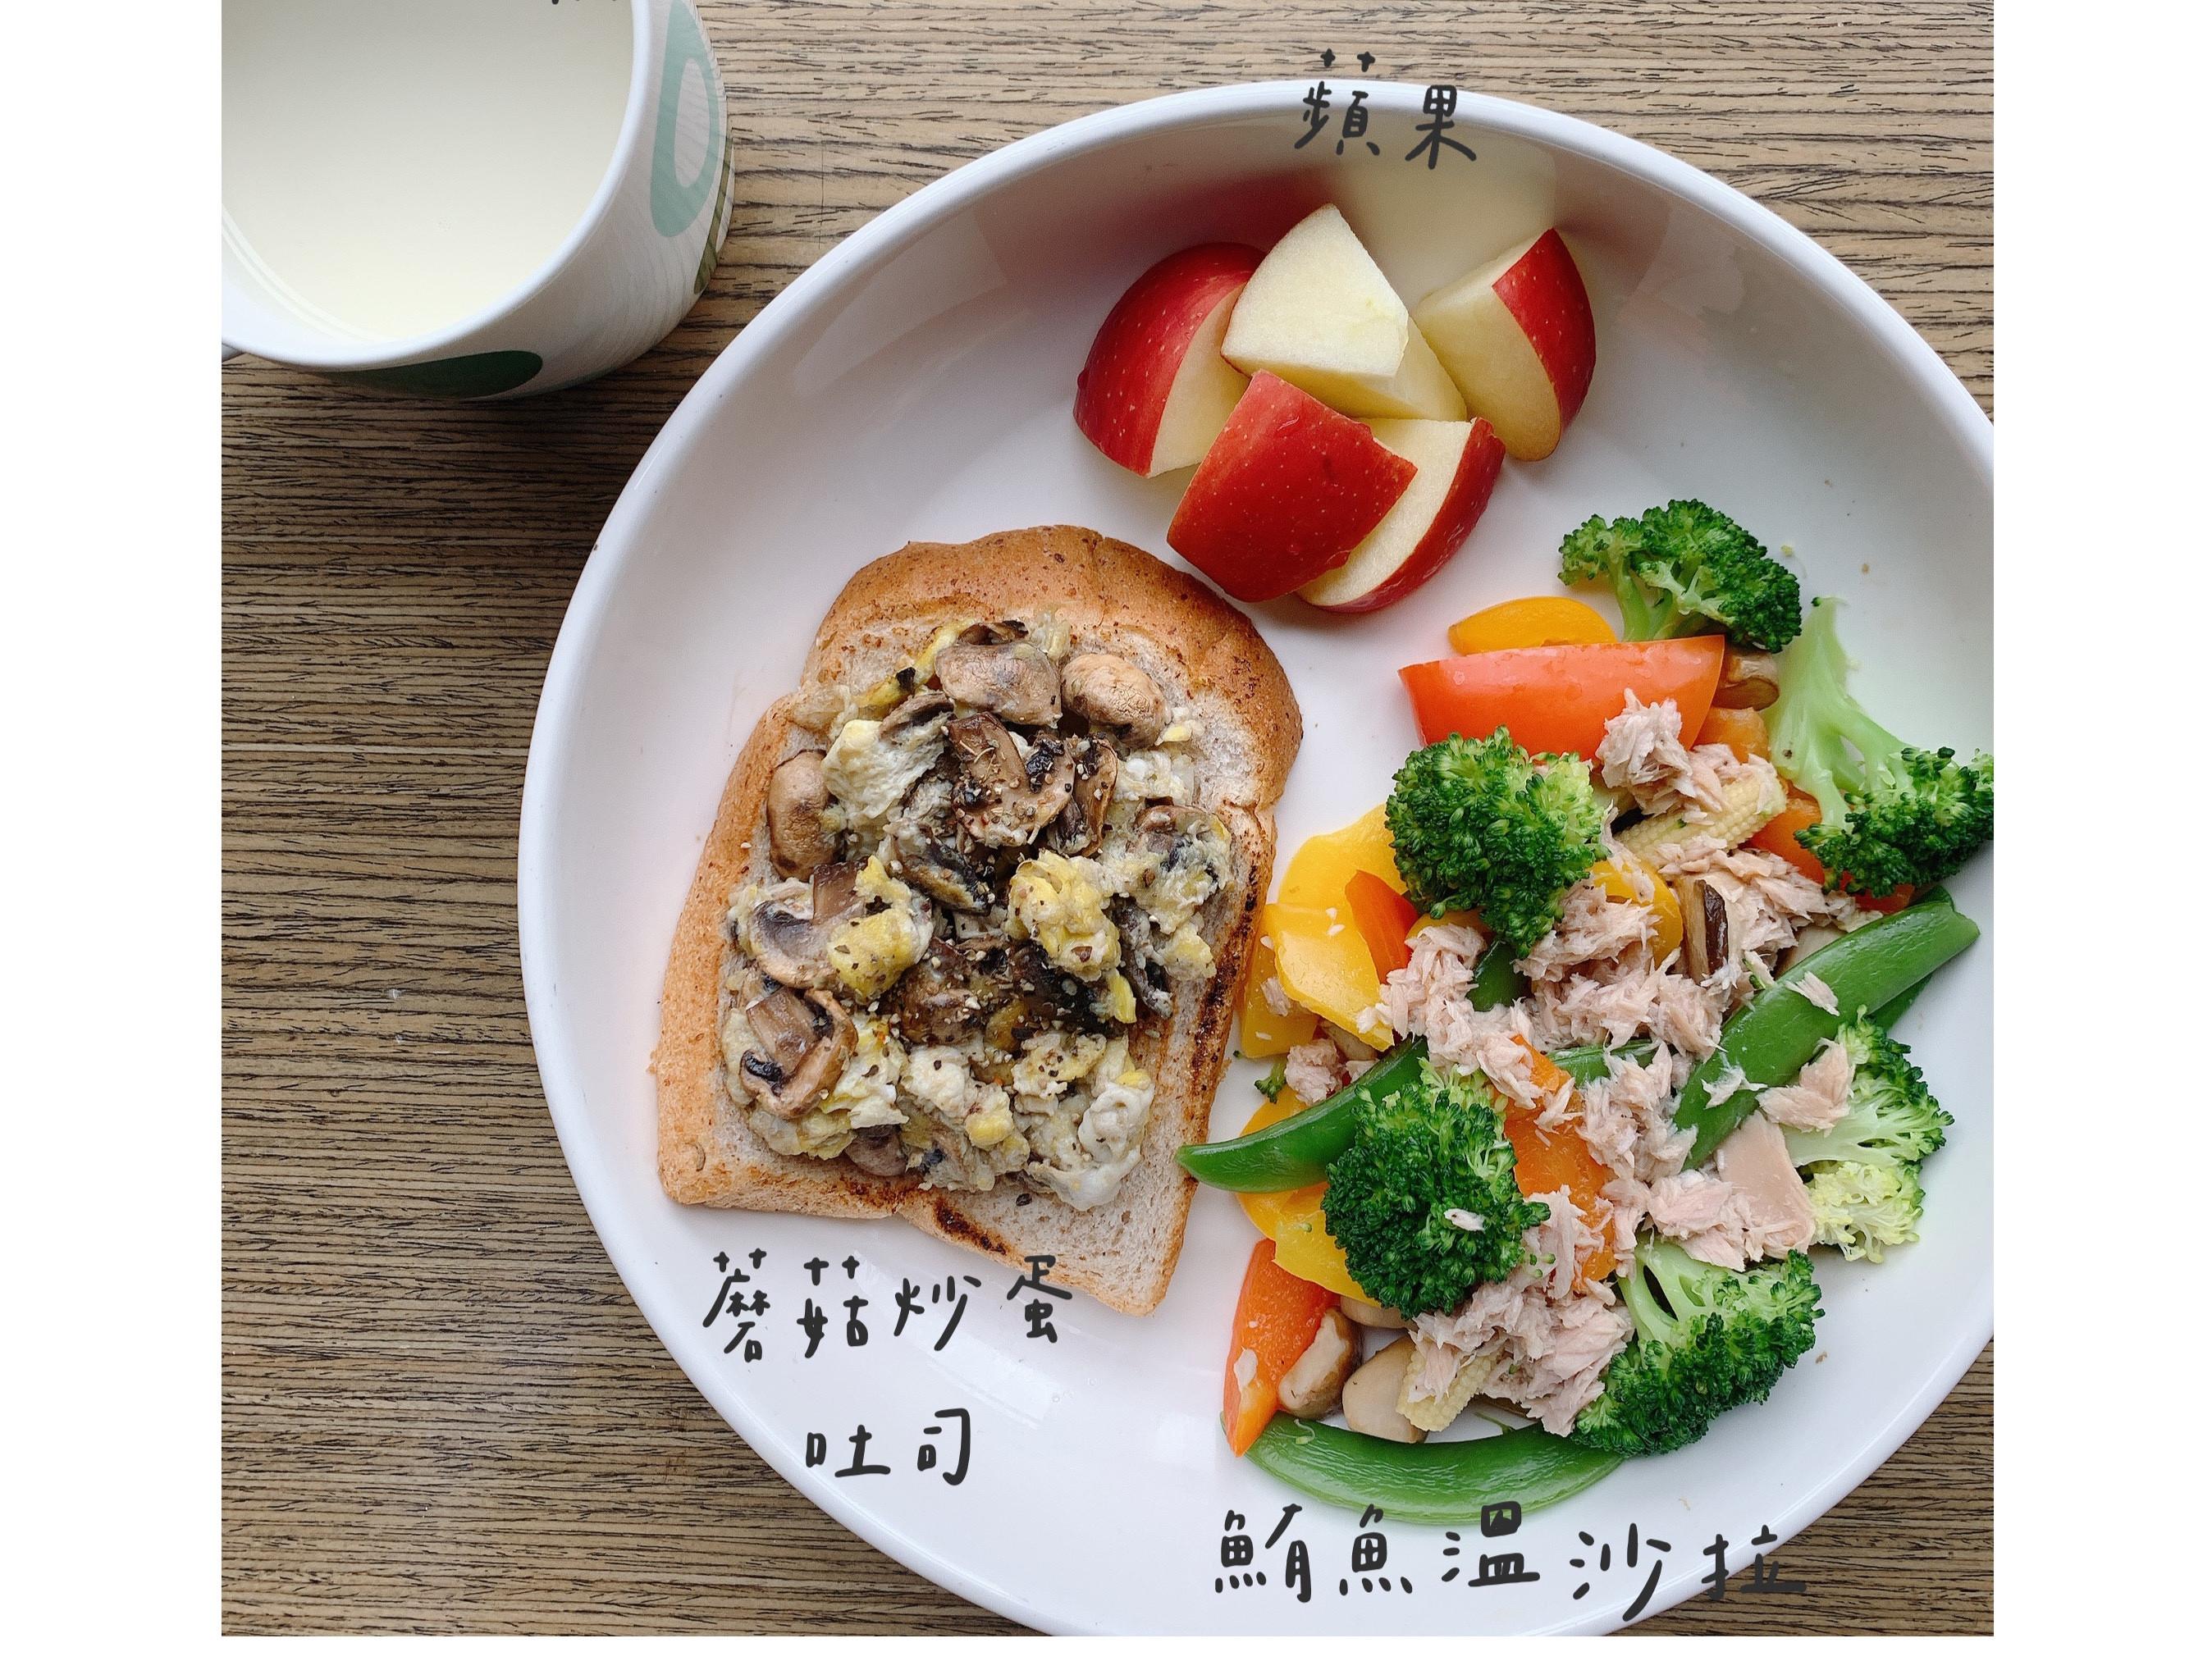 蘑菇炒蛋吐司